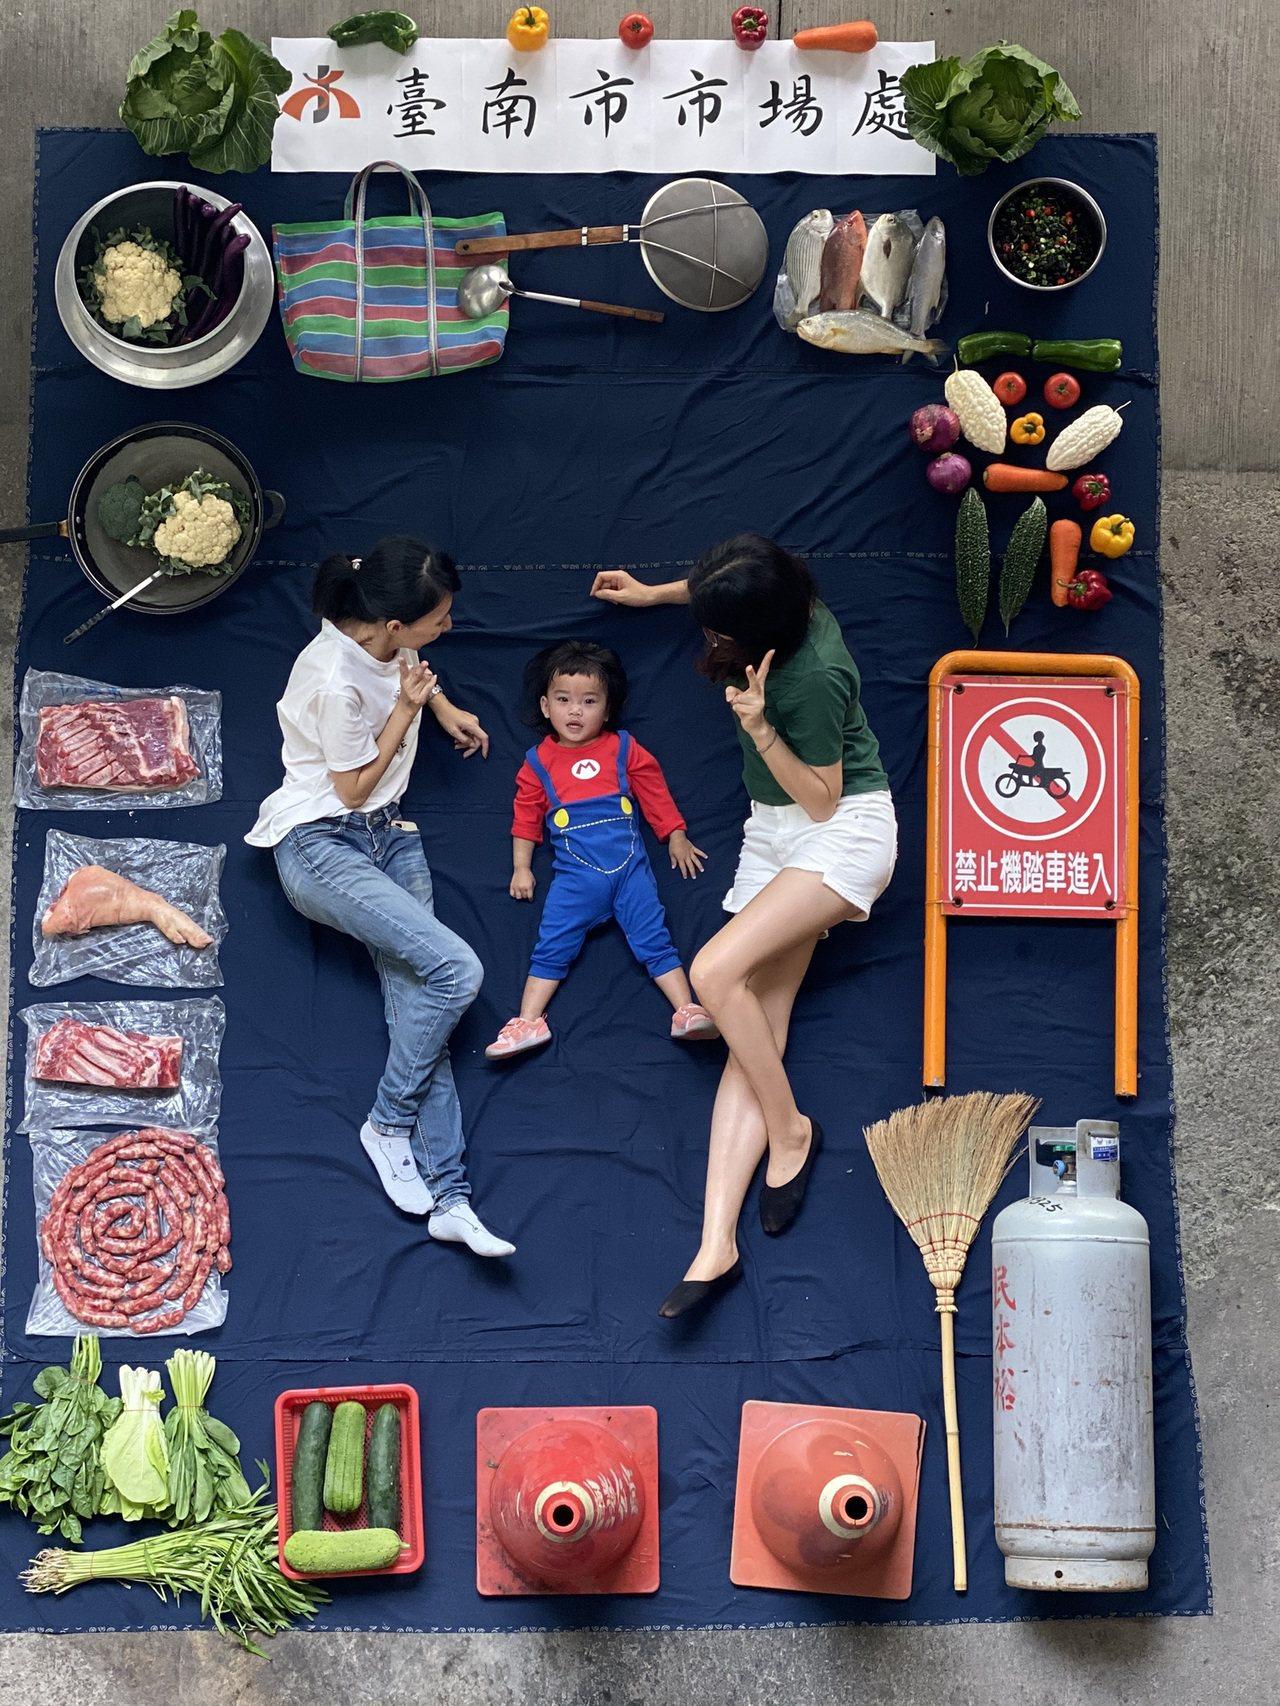 另類行銷!台南傳統市場「開箱文」開放民眾拍照